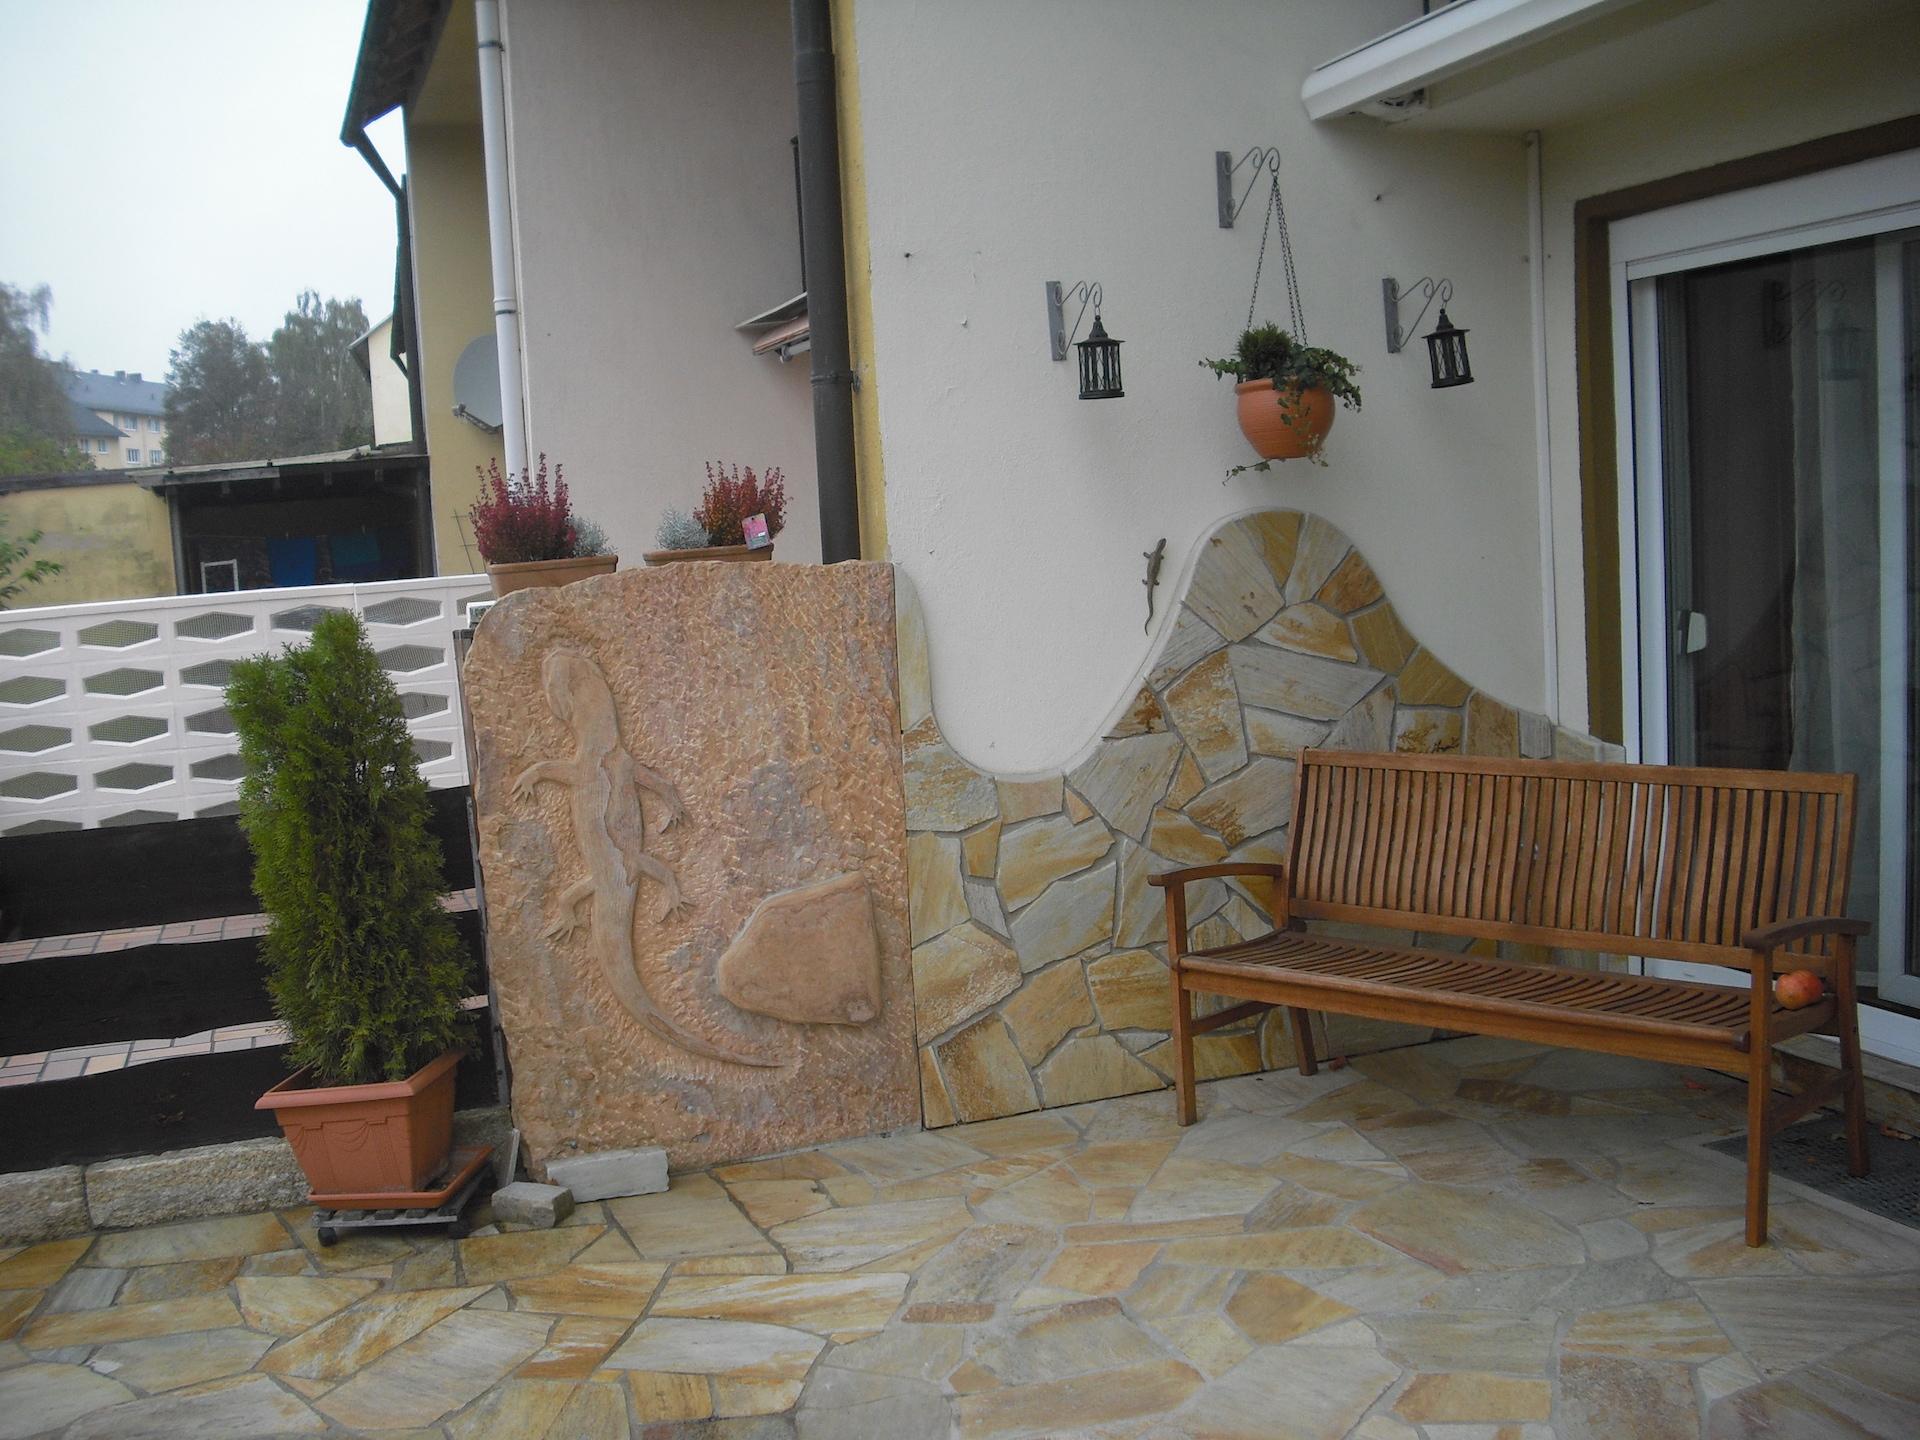 Natursteinterrasse - Natursteinmosaik Verlegung